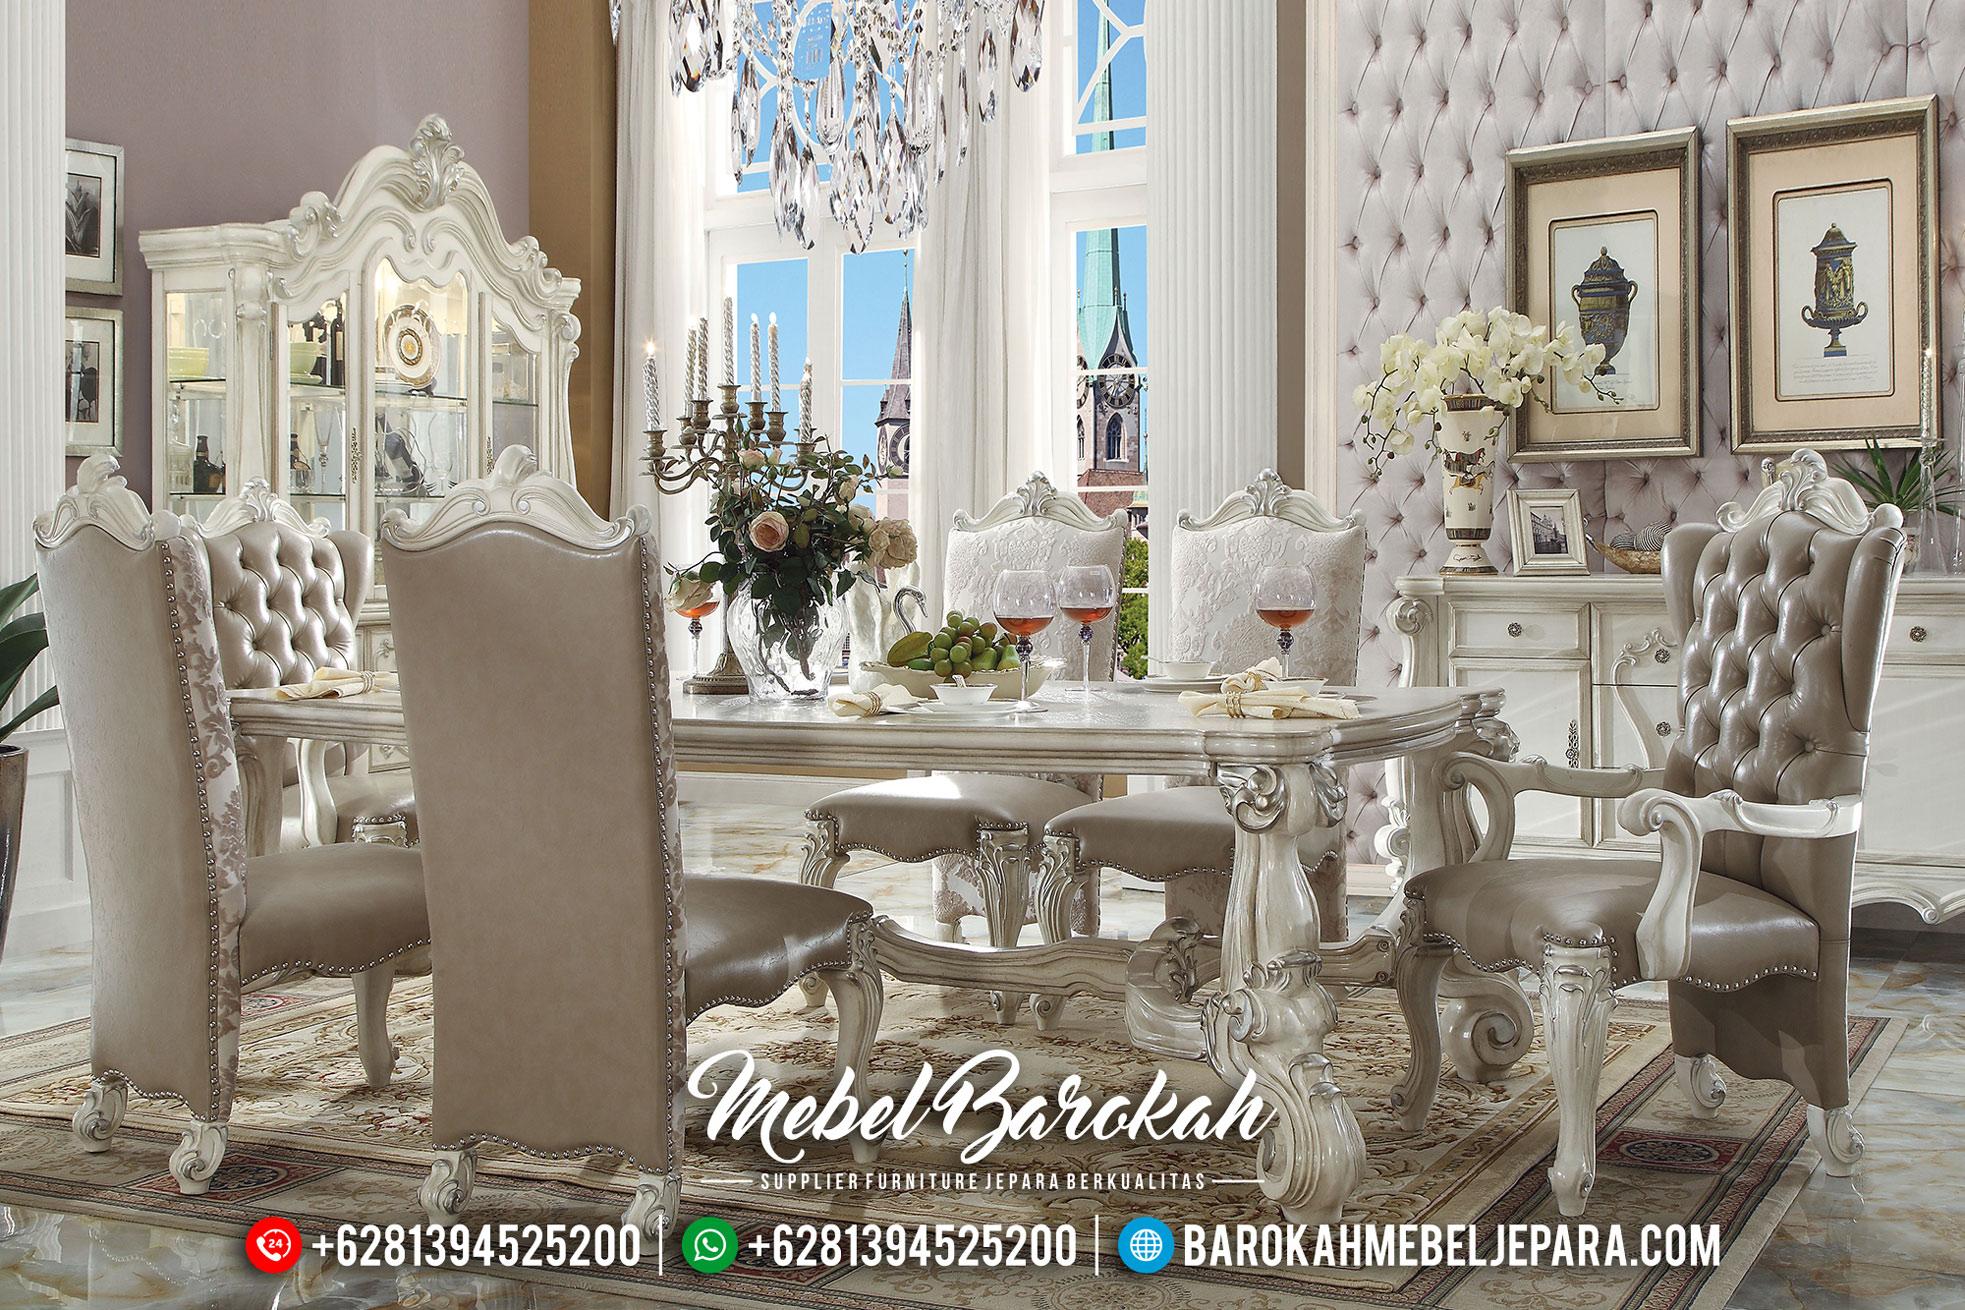 Desain Termewah Meja Makan Klasik Duco Ukiran Khas Jepara MB-0333